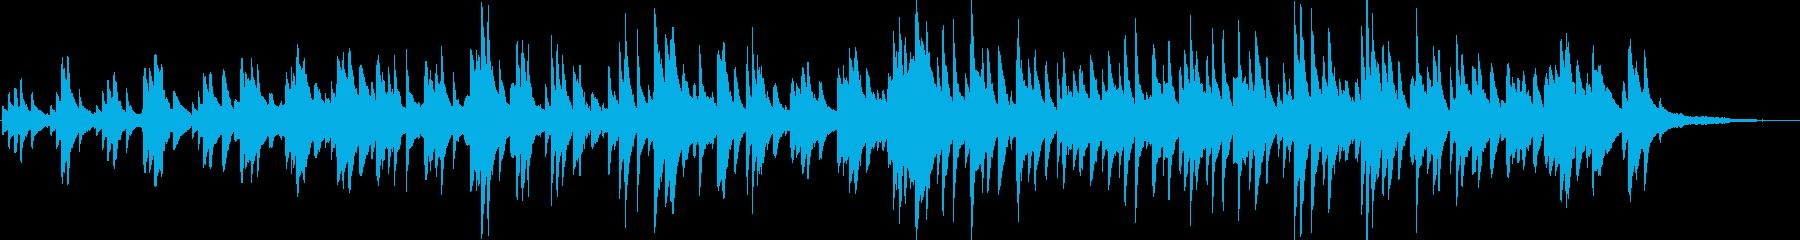 優しくゆったりとした 癒しのピアノソロの再生済みの波形